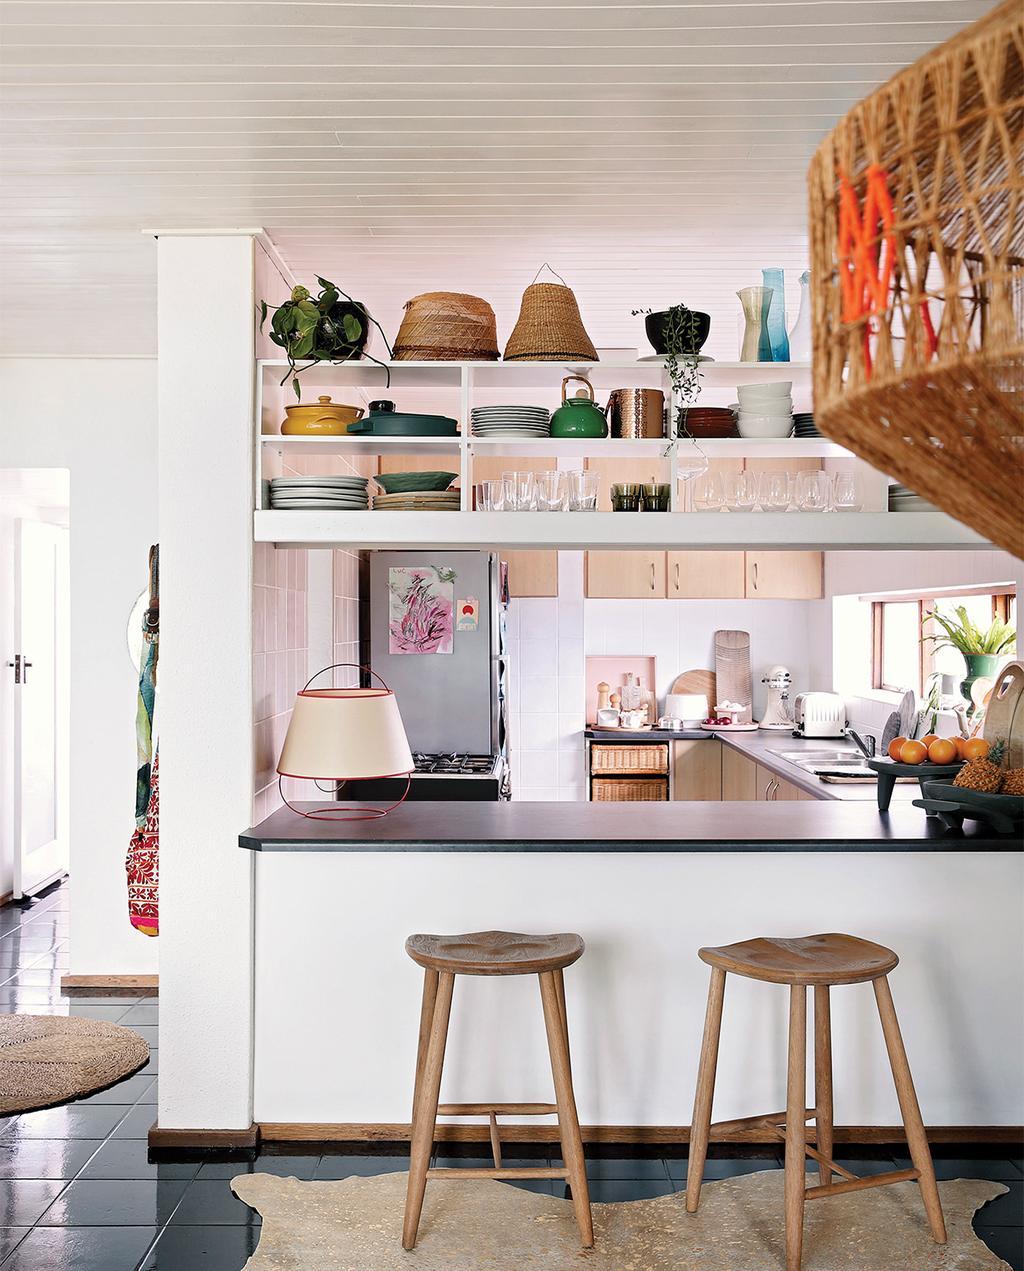 vtwonen special zomerhuizen 07-2021 | keuken met bar en twee barkrukken